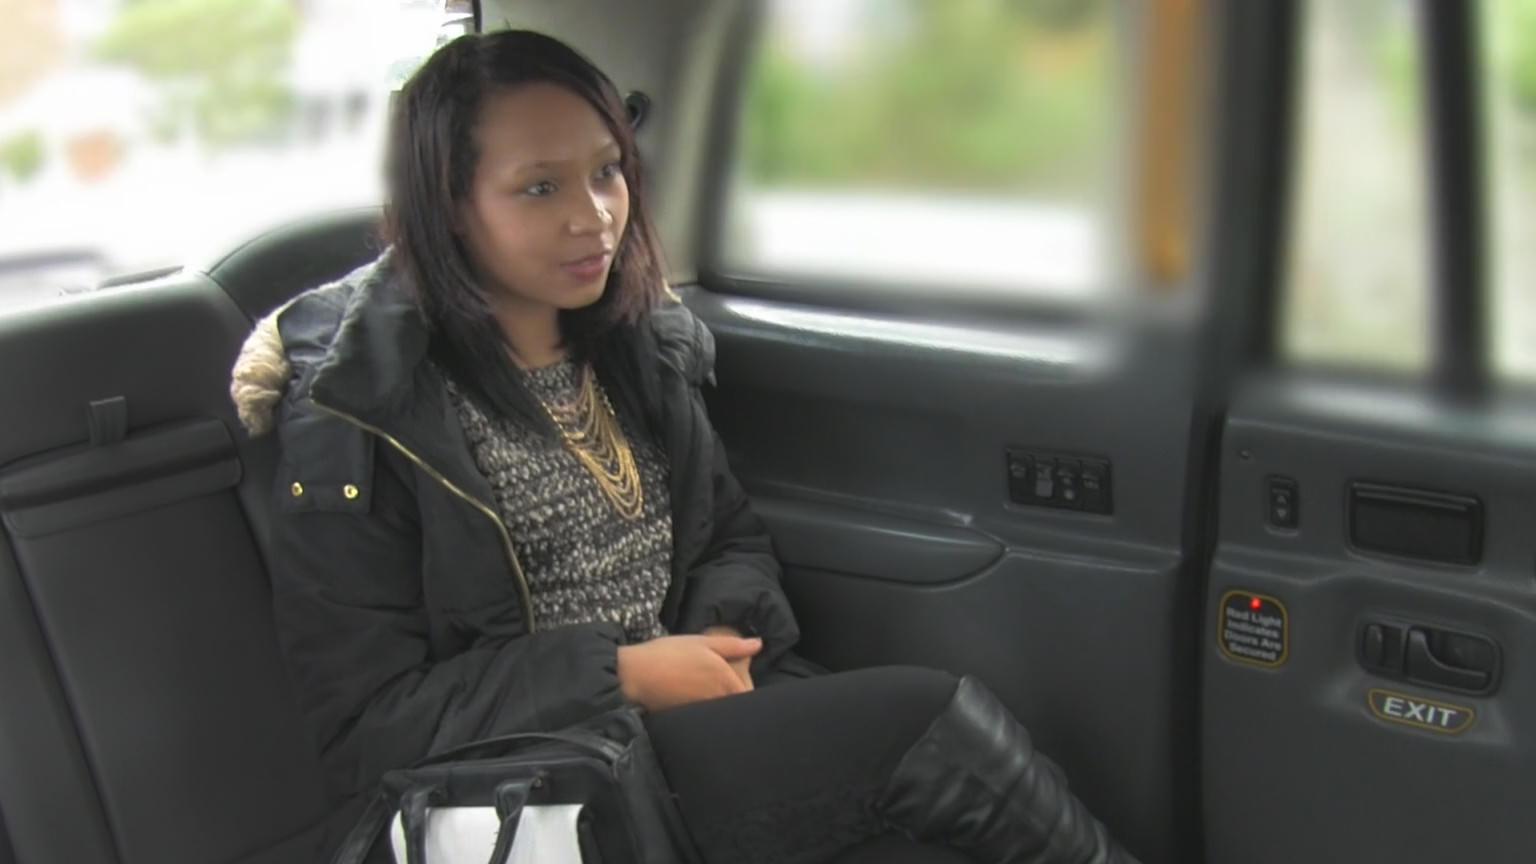 Ebony Babe Sucks Dick for Free Ride - Fake Taxi